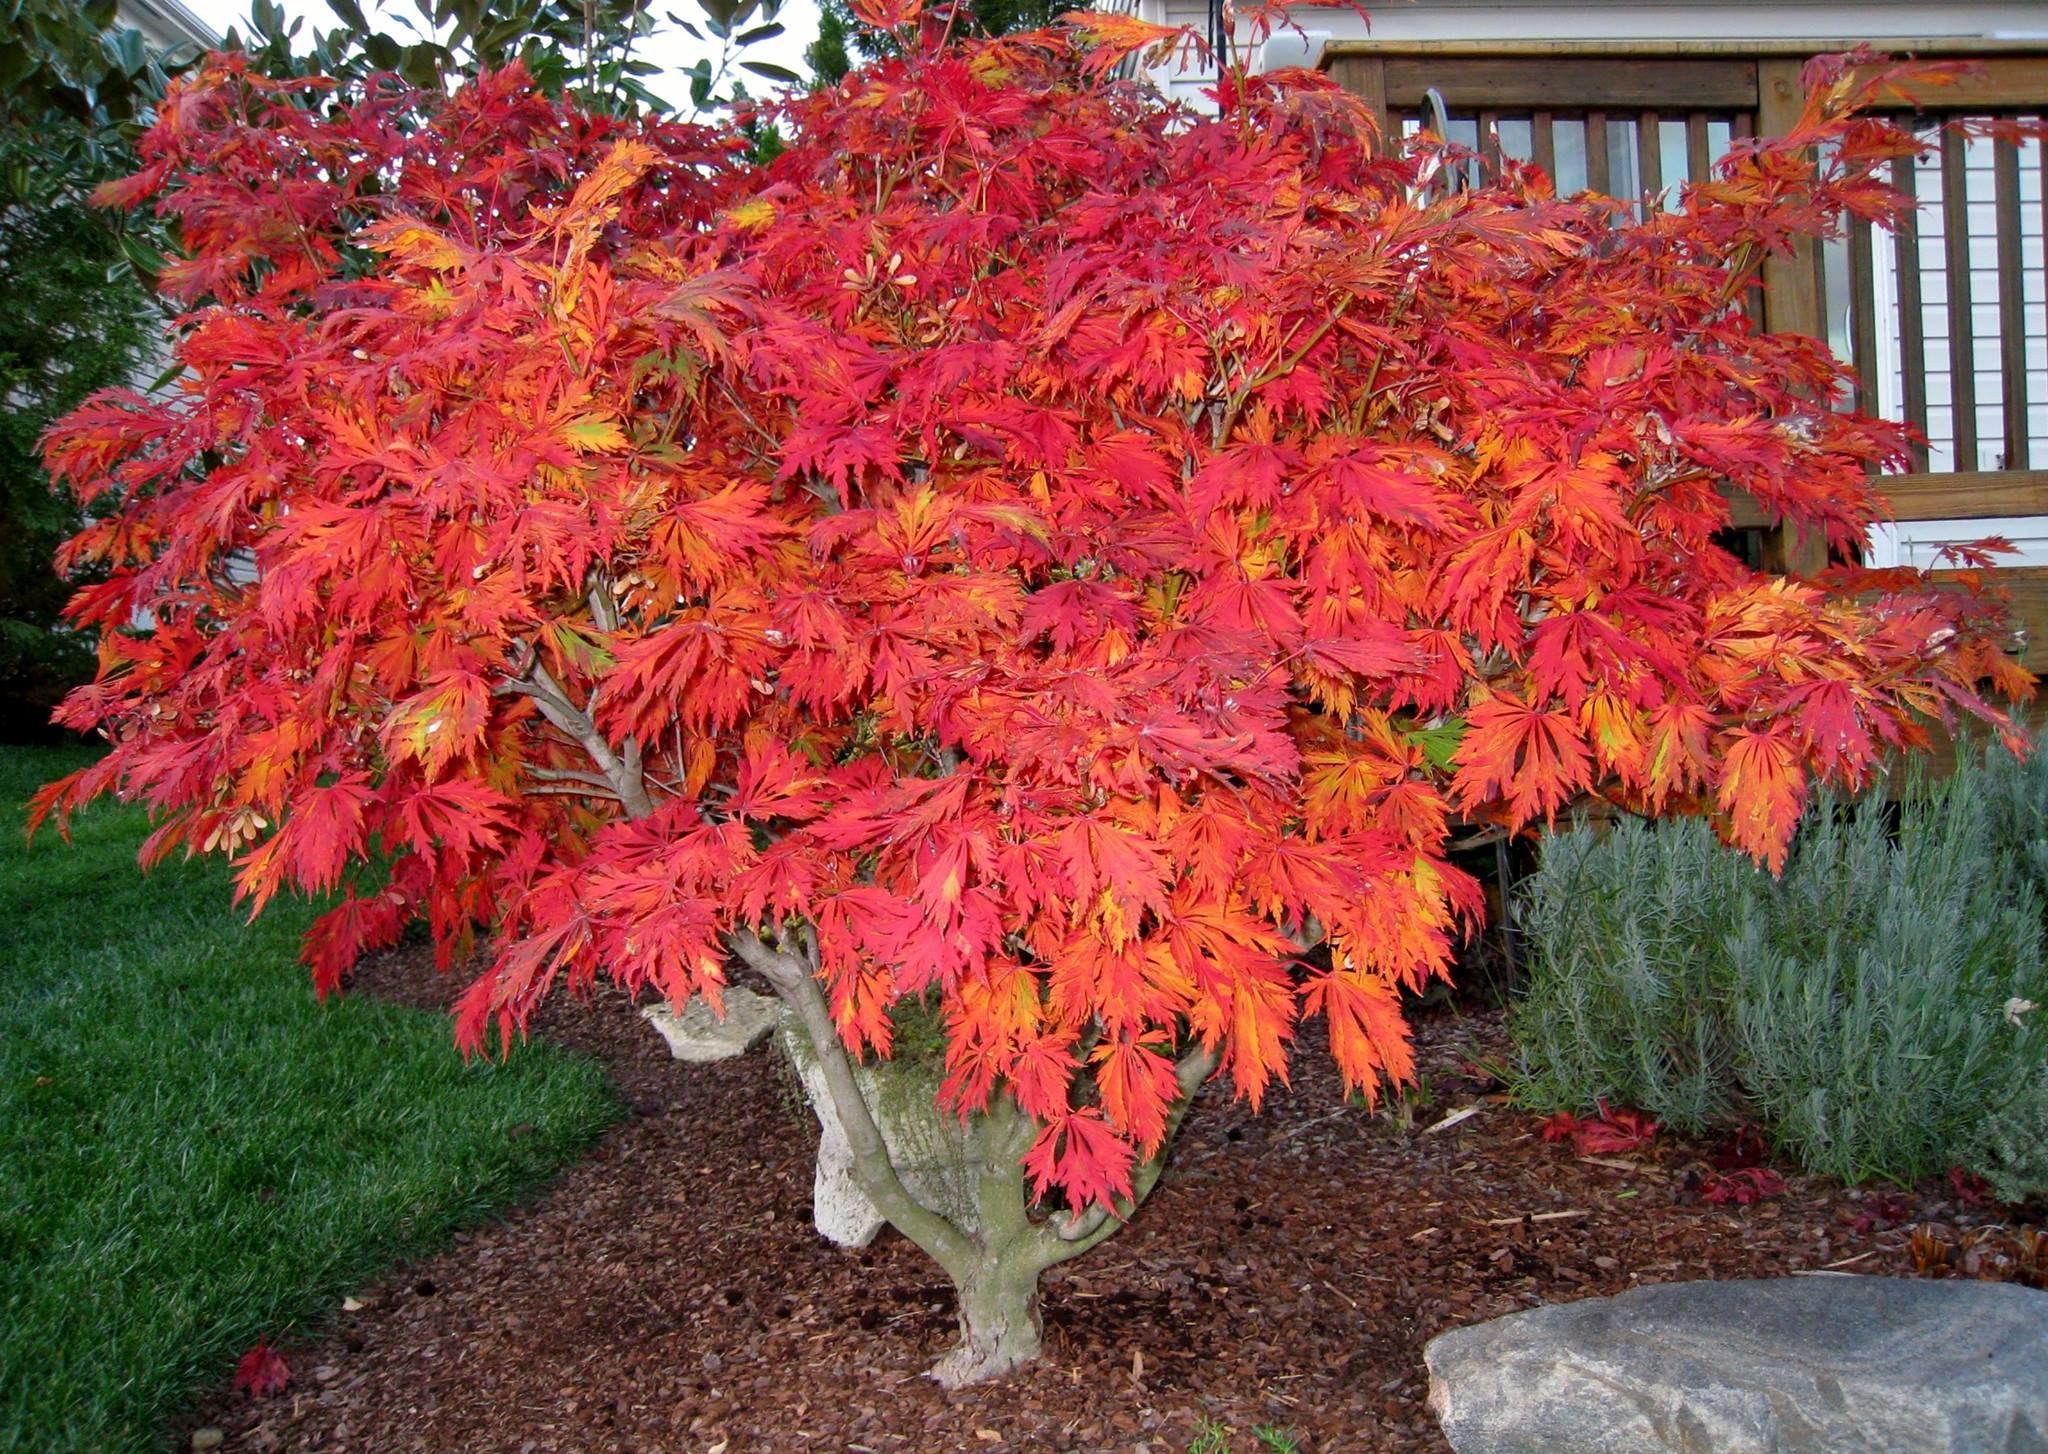 Acer Japonicum Aconitifolium Amazing Structure And Fall Color